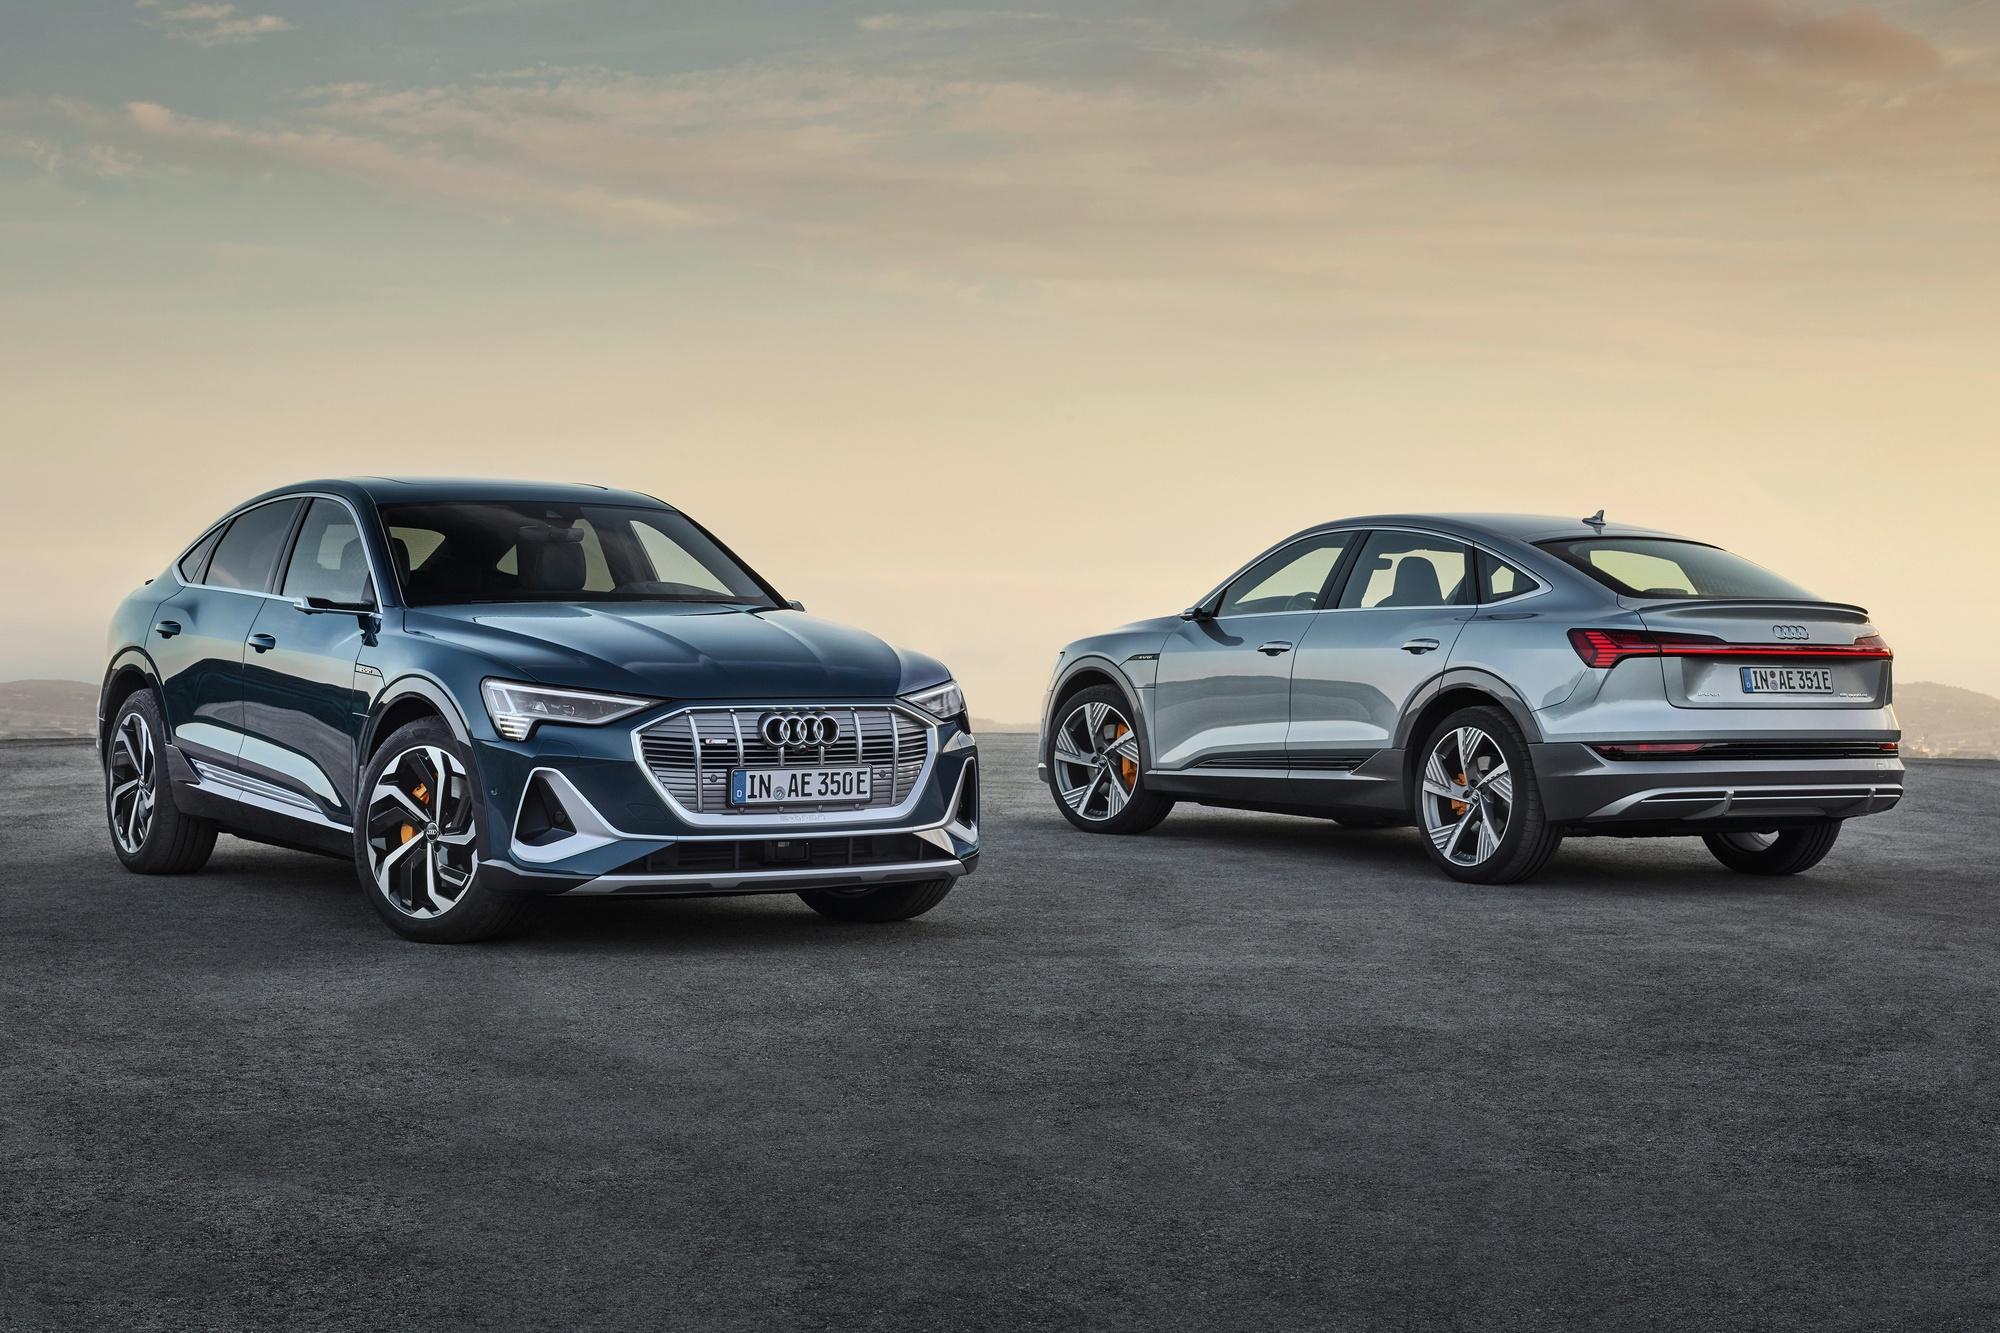 Немцы представили серийный электрический купе-кроссовер Audi e-tron Sportback с мощностью 300 кВт батареей 95 кВтч запасом хода 450 км и ценником от 71